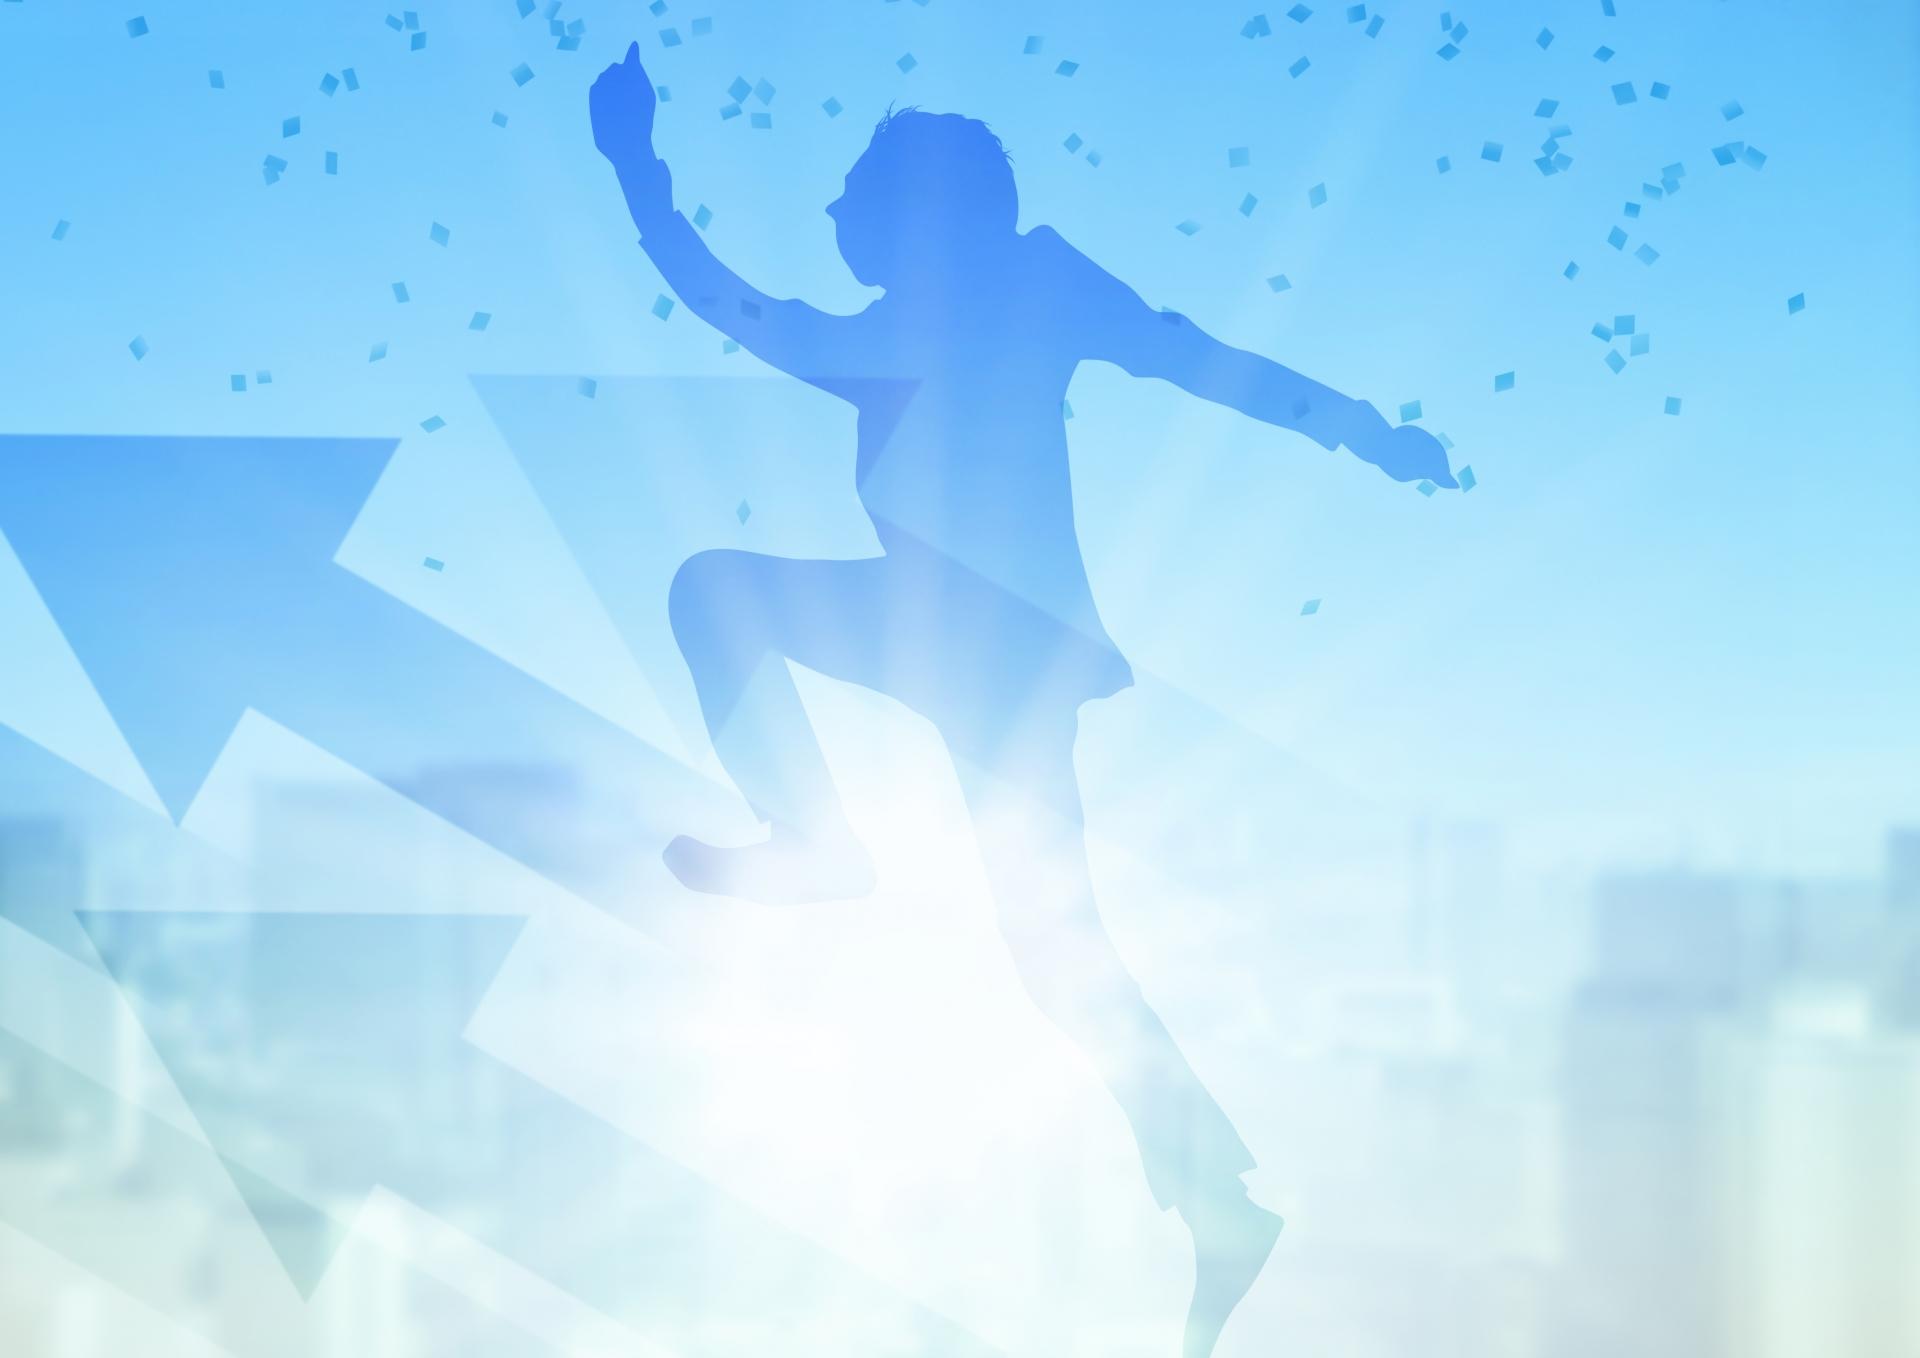 医師転科 自己否定 人生観 価値観 判断スピード 出世の階段 転職コンサルタント ビジョン 自己分析 医師キャリア 医師転職エージェント 医師紹介会社 医師キャリア相談 ジーネット株式会社